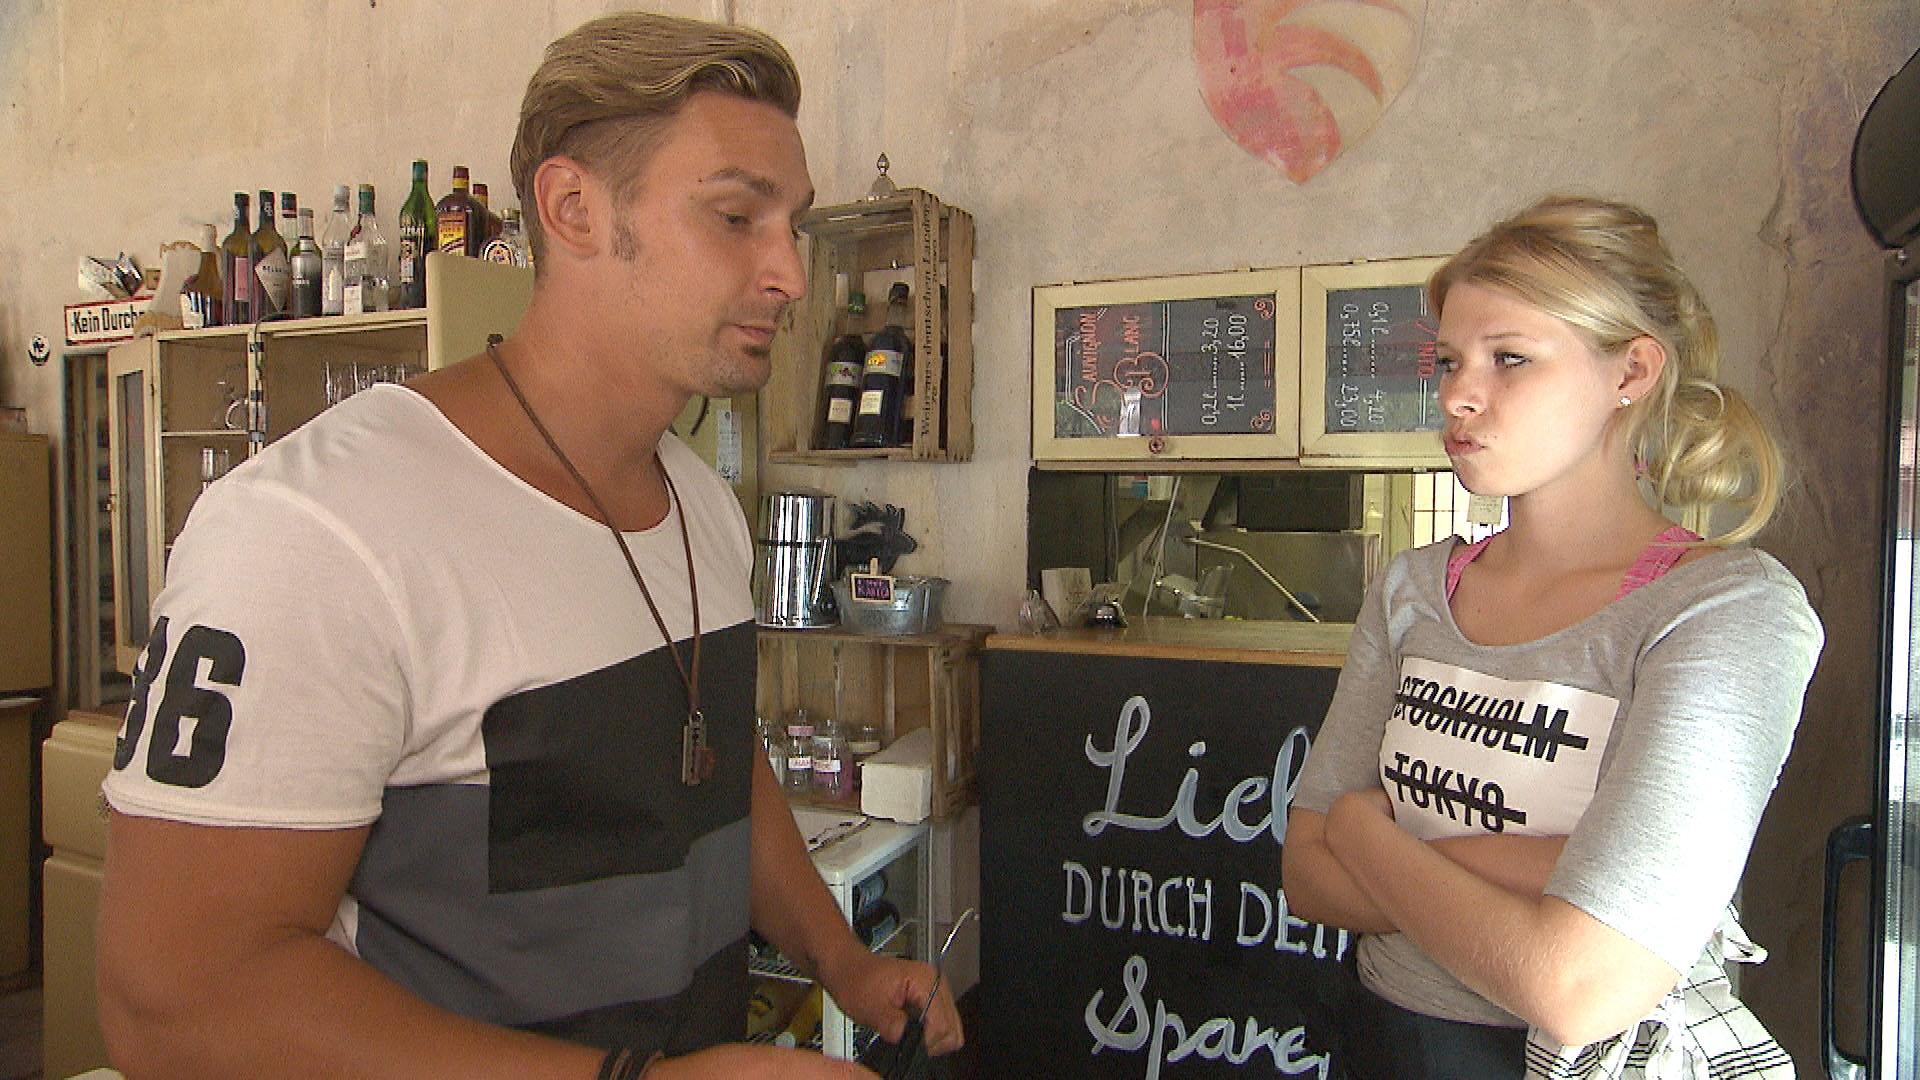 Der reumütige Leon,li. will sich mit einer Riesenüberraschung bei Nina,re. dafür entschuldigen, dass er sich über ihren Abschlussball-Traum lustig gemacht hat. (Quelle: RTL 2)